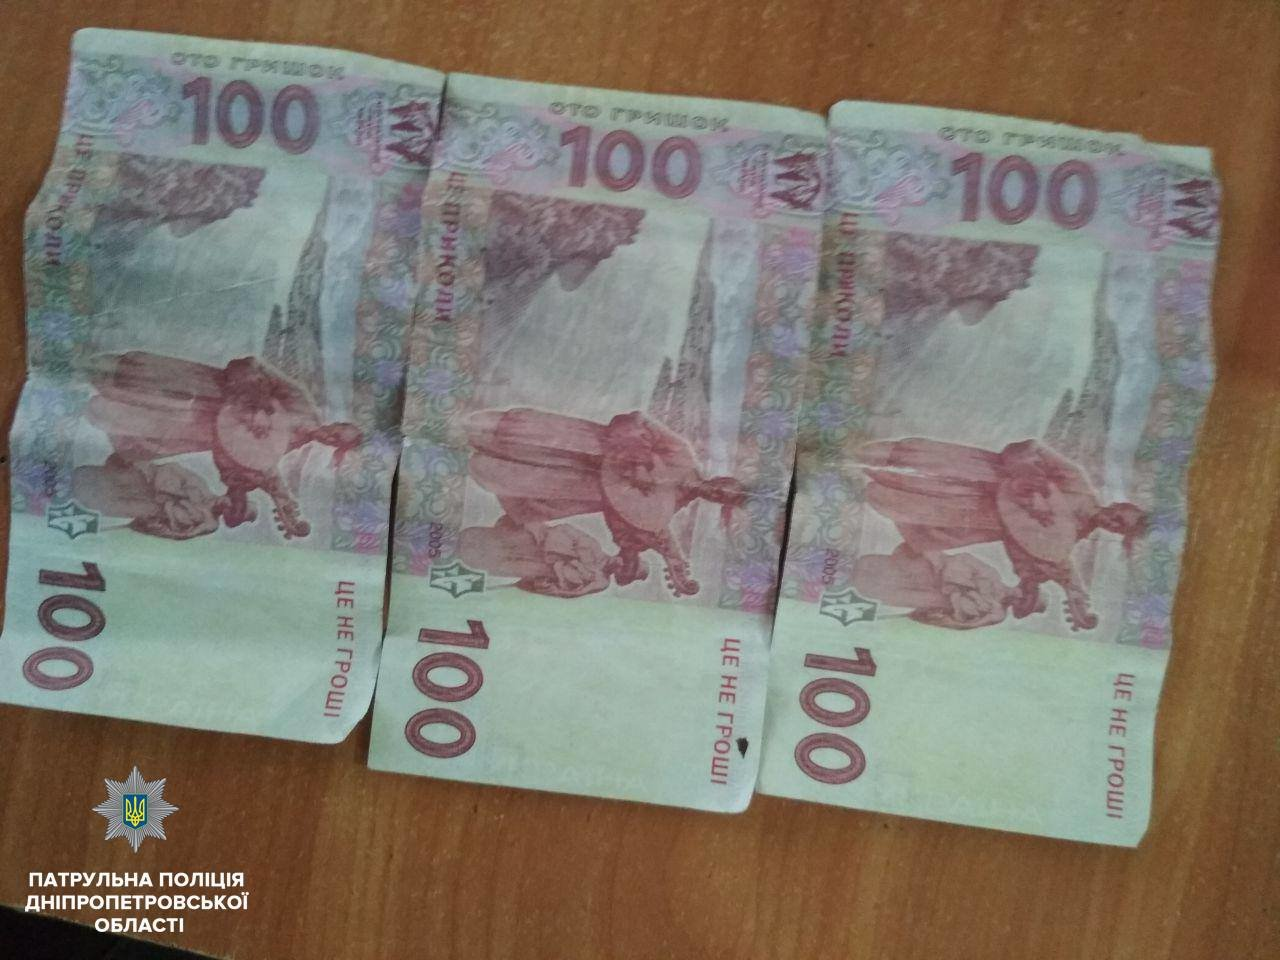 Наркотики, синяки и фальшивые деньги: как подростки Днепра проводят летние каникулы, - ФОТО, фото-3